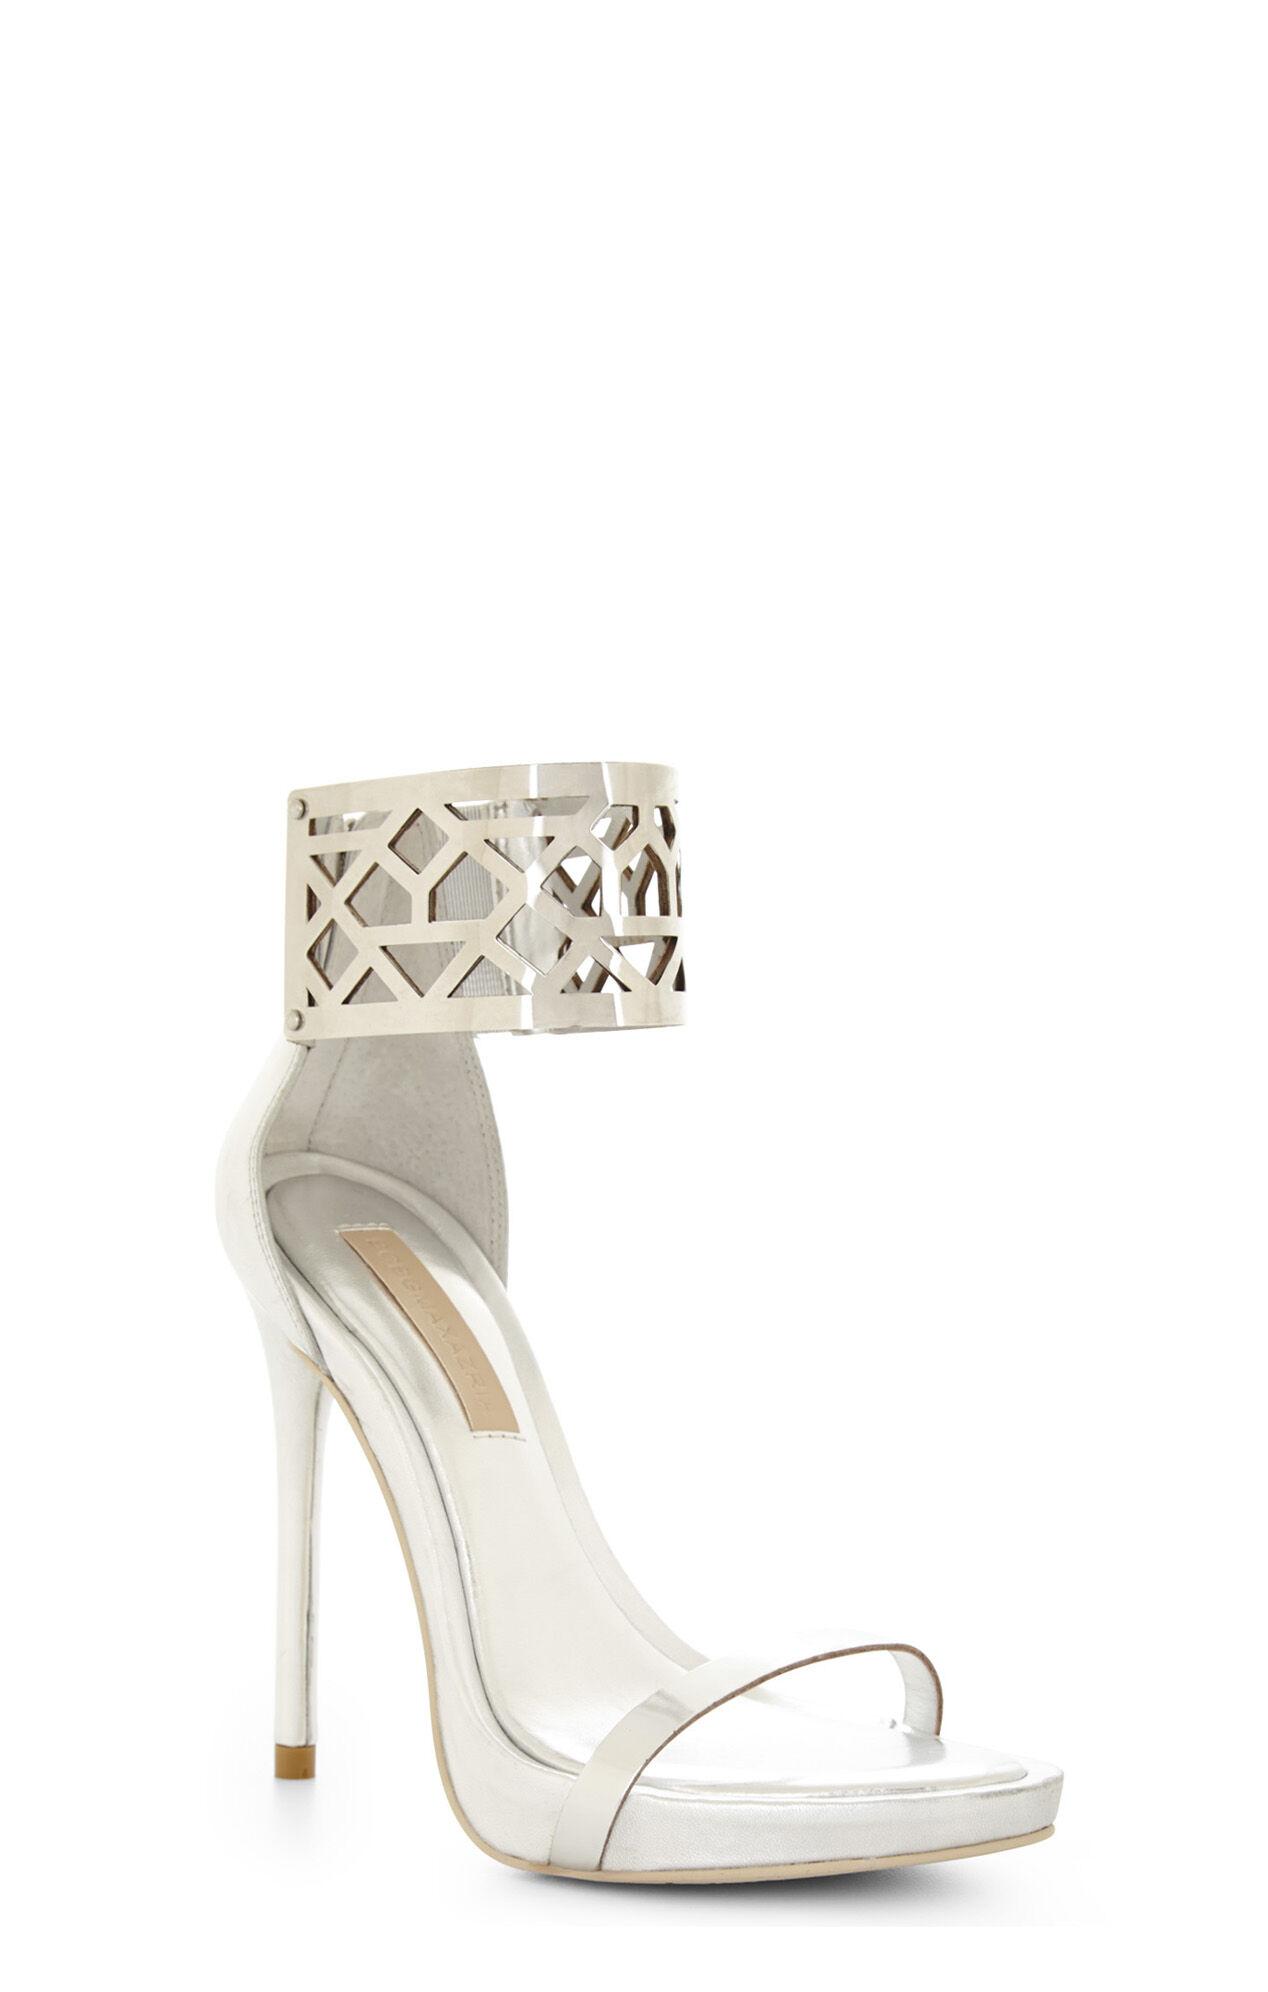 Estie High-Heel Sandal